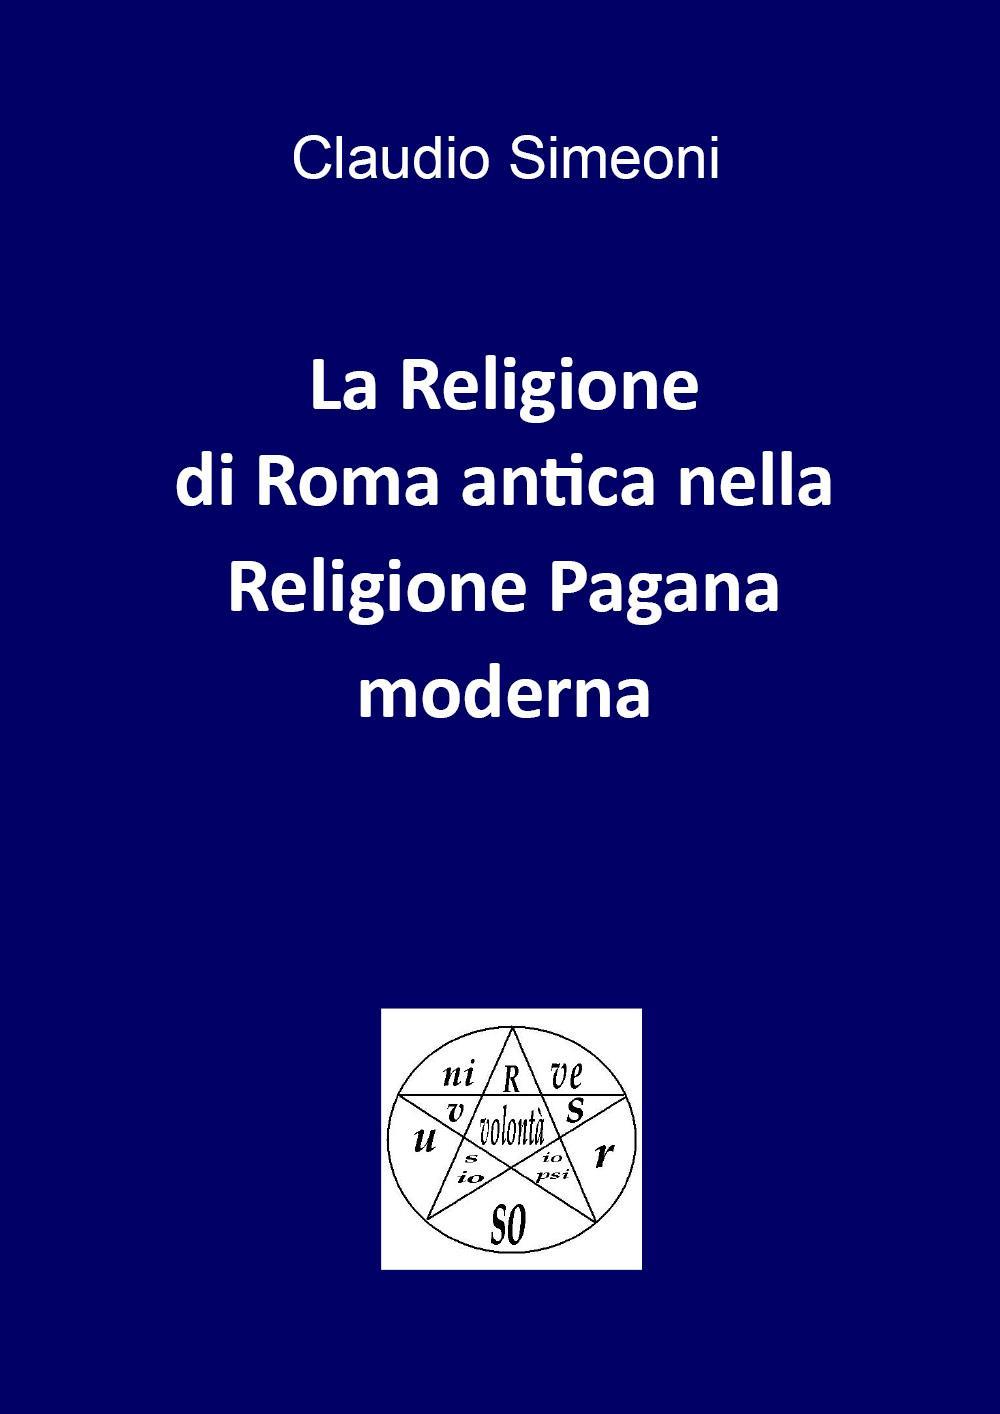 La religione di Roma antica nella Religione Pagana moderna